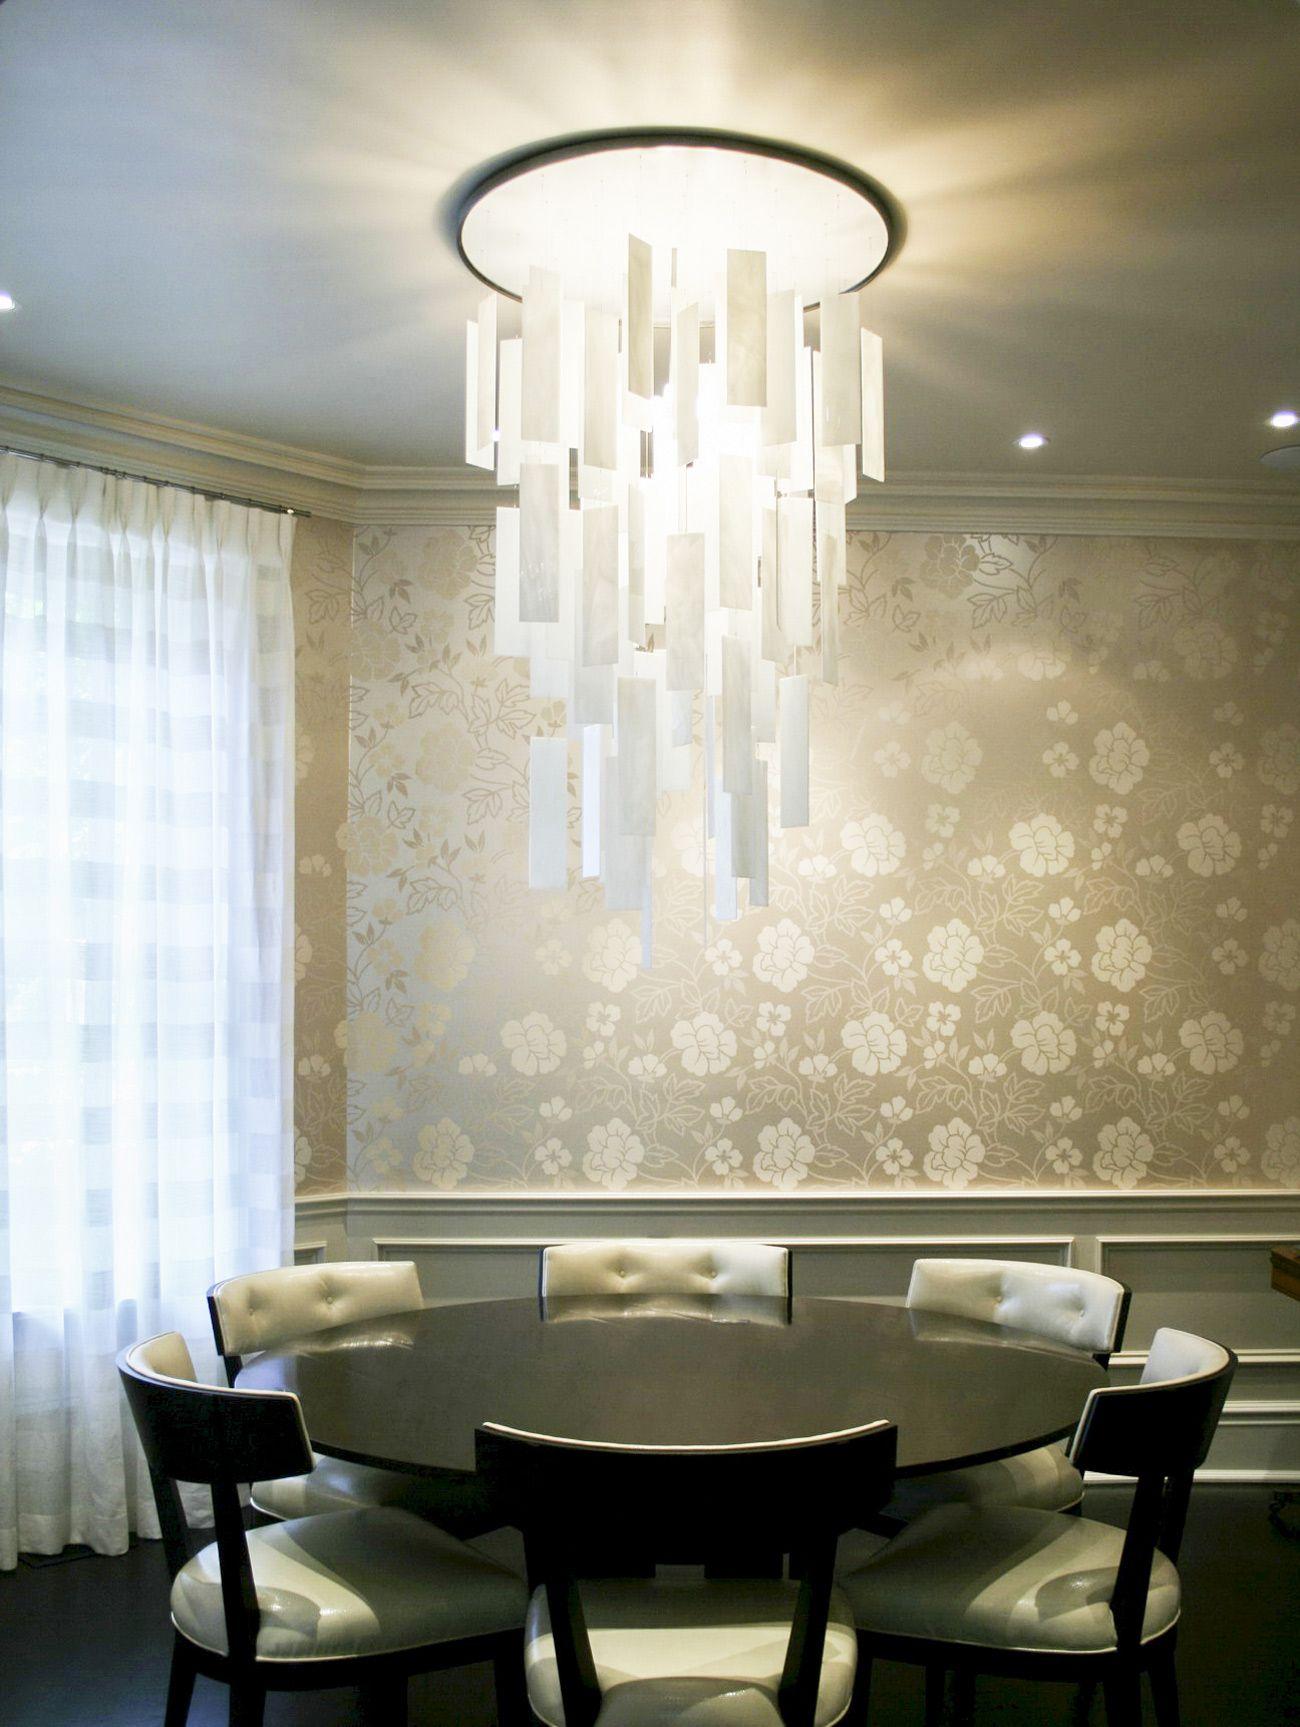 Installation Gallery Dining Room Lighting Room Lights Dining Room Lighting Home Decor